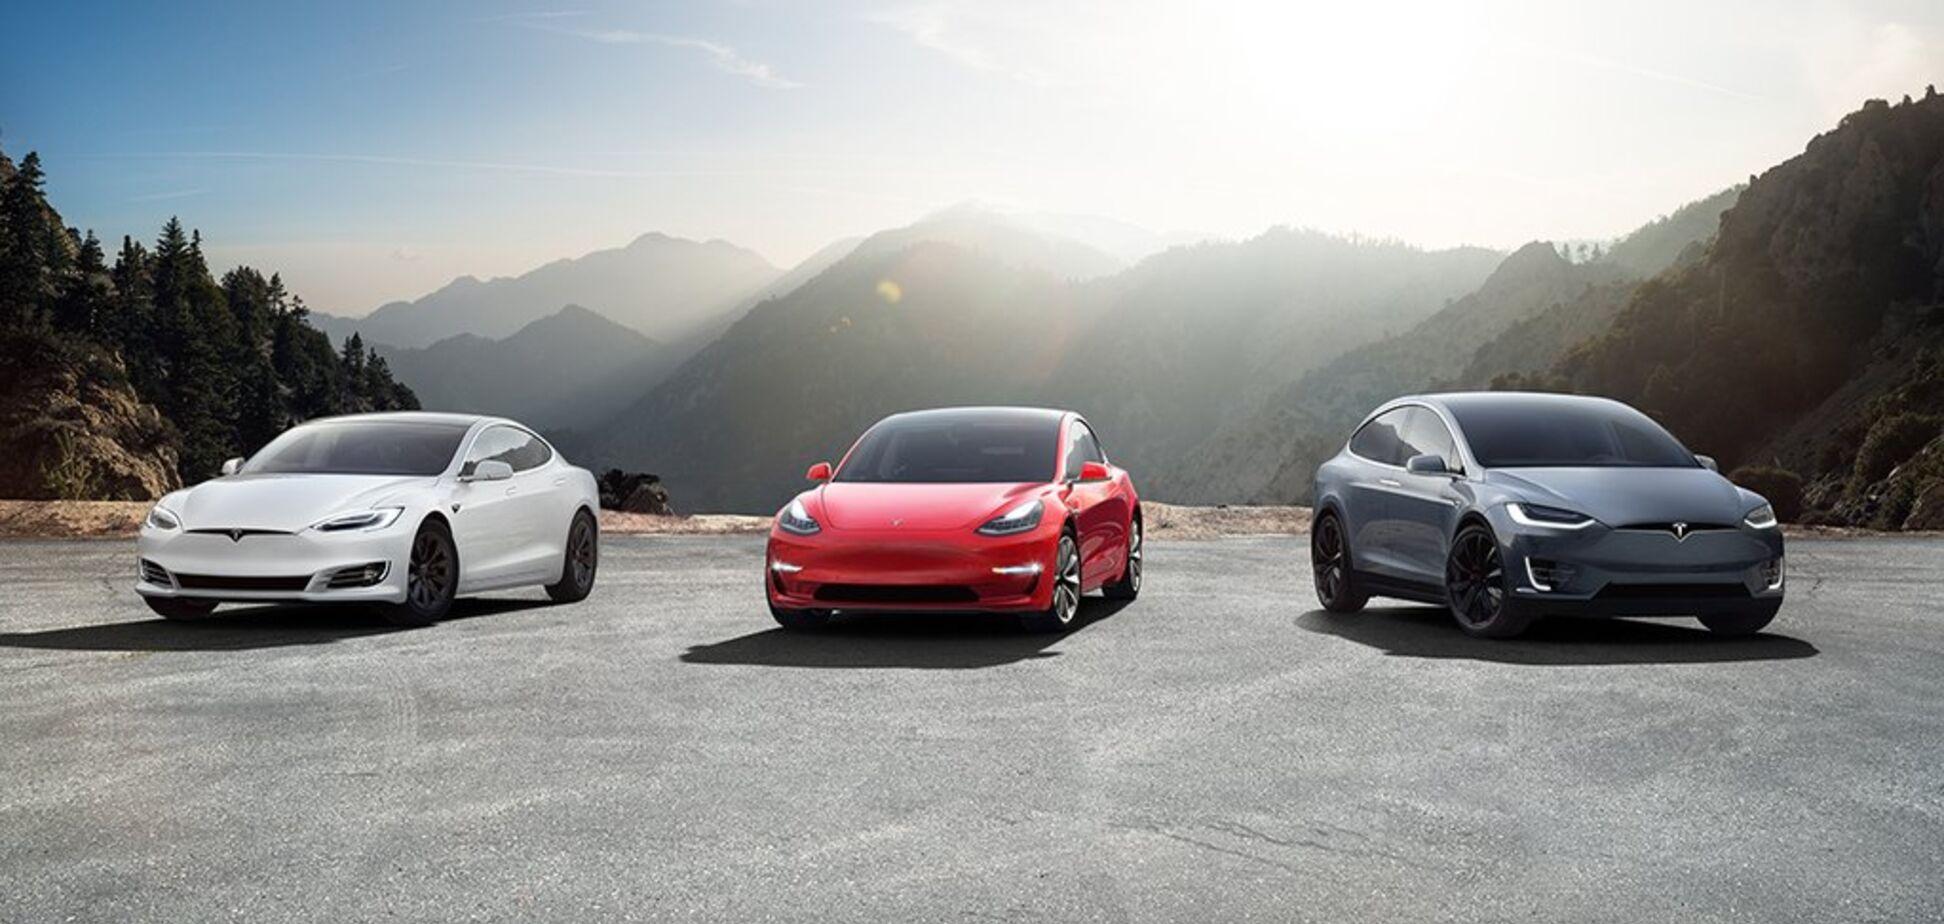 Купить за минуту: Tesla предложила клиентам новую услугу